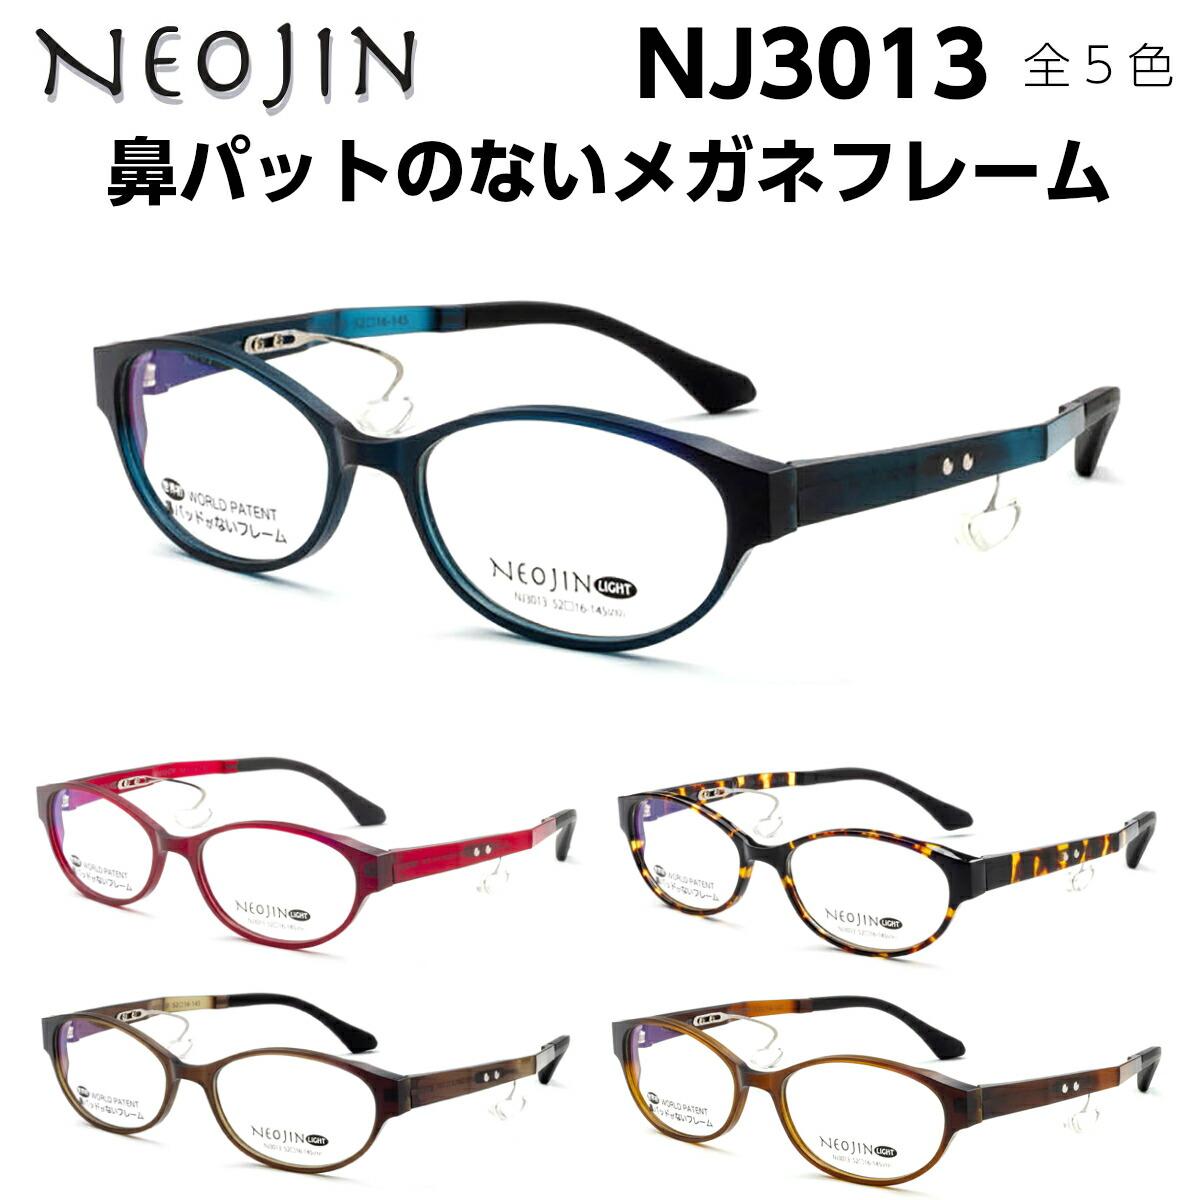 NEOJIN ネオジン 鼻パットがないメガネ NJ3013 全5色 neojin メンズ レディース ユニセックス パットがない 化粧が落ちない 跡 なし 形状記憶 ウルテム めがね 眼鏡 メガネ 度付き対応 おしゃれ